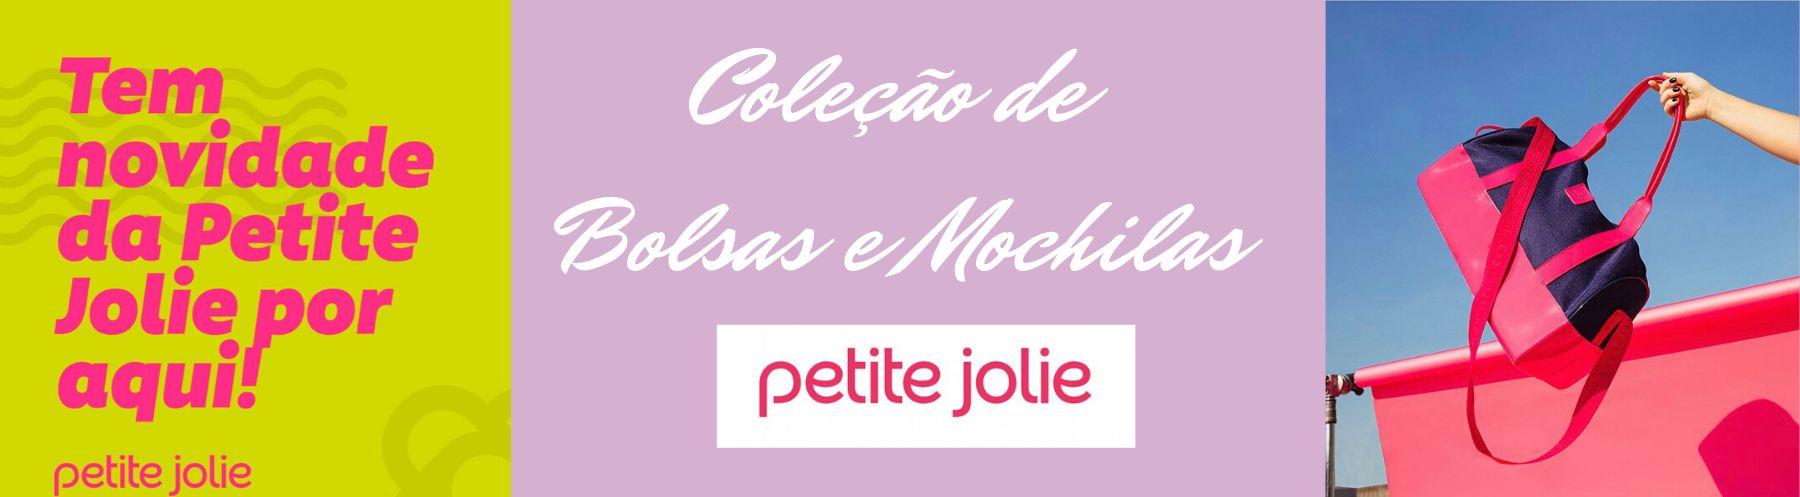 Coleção de Bolsas e Mochilas Petite Jolie